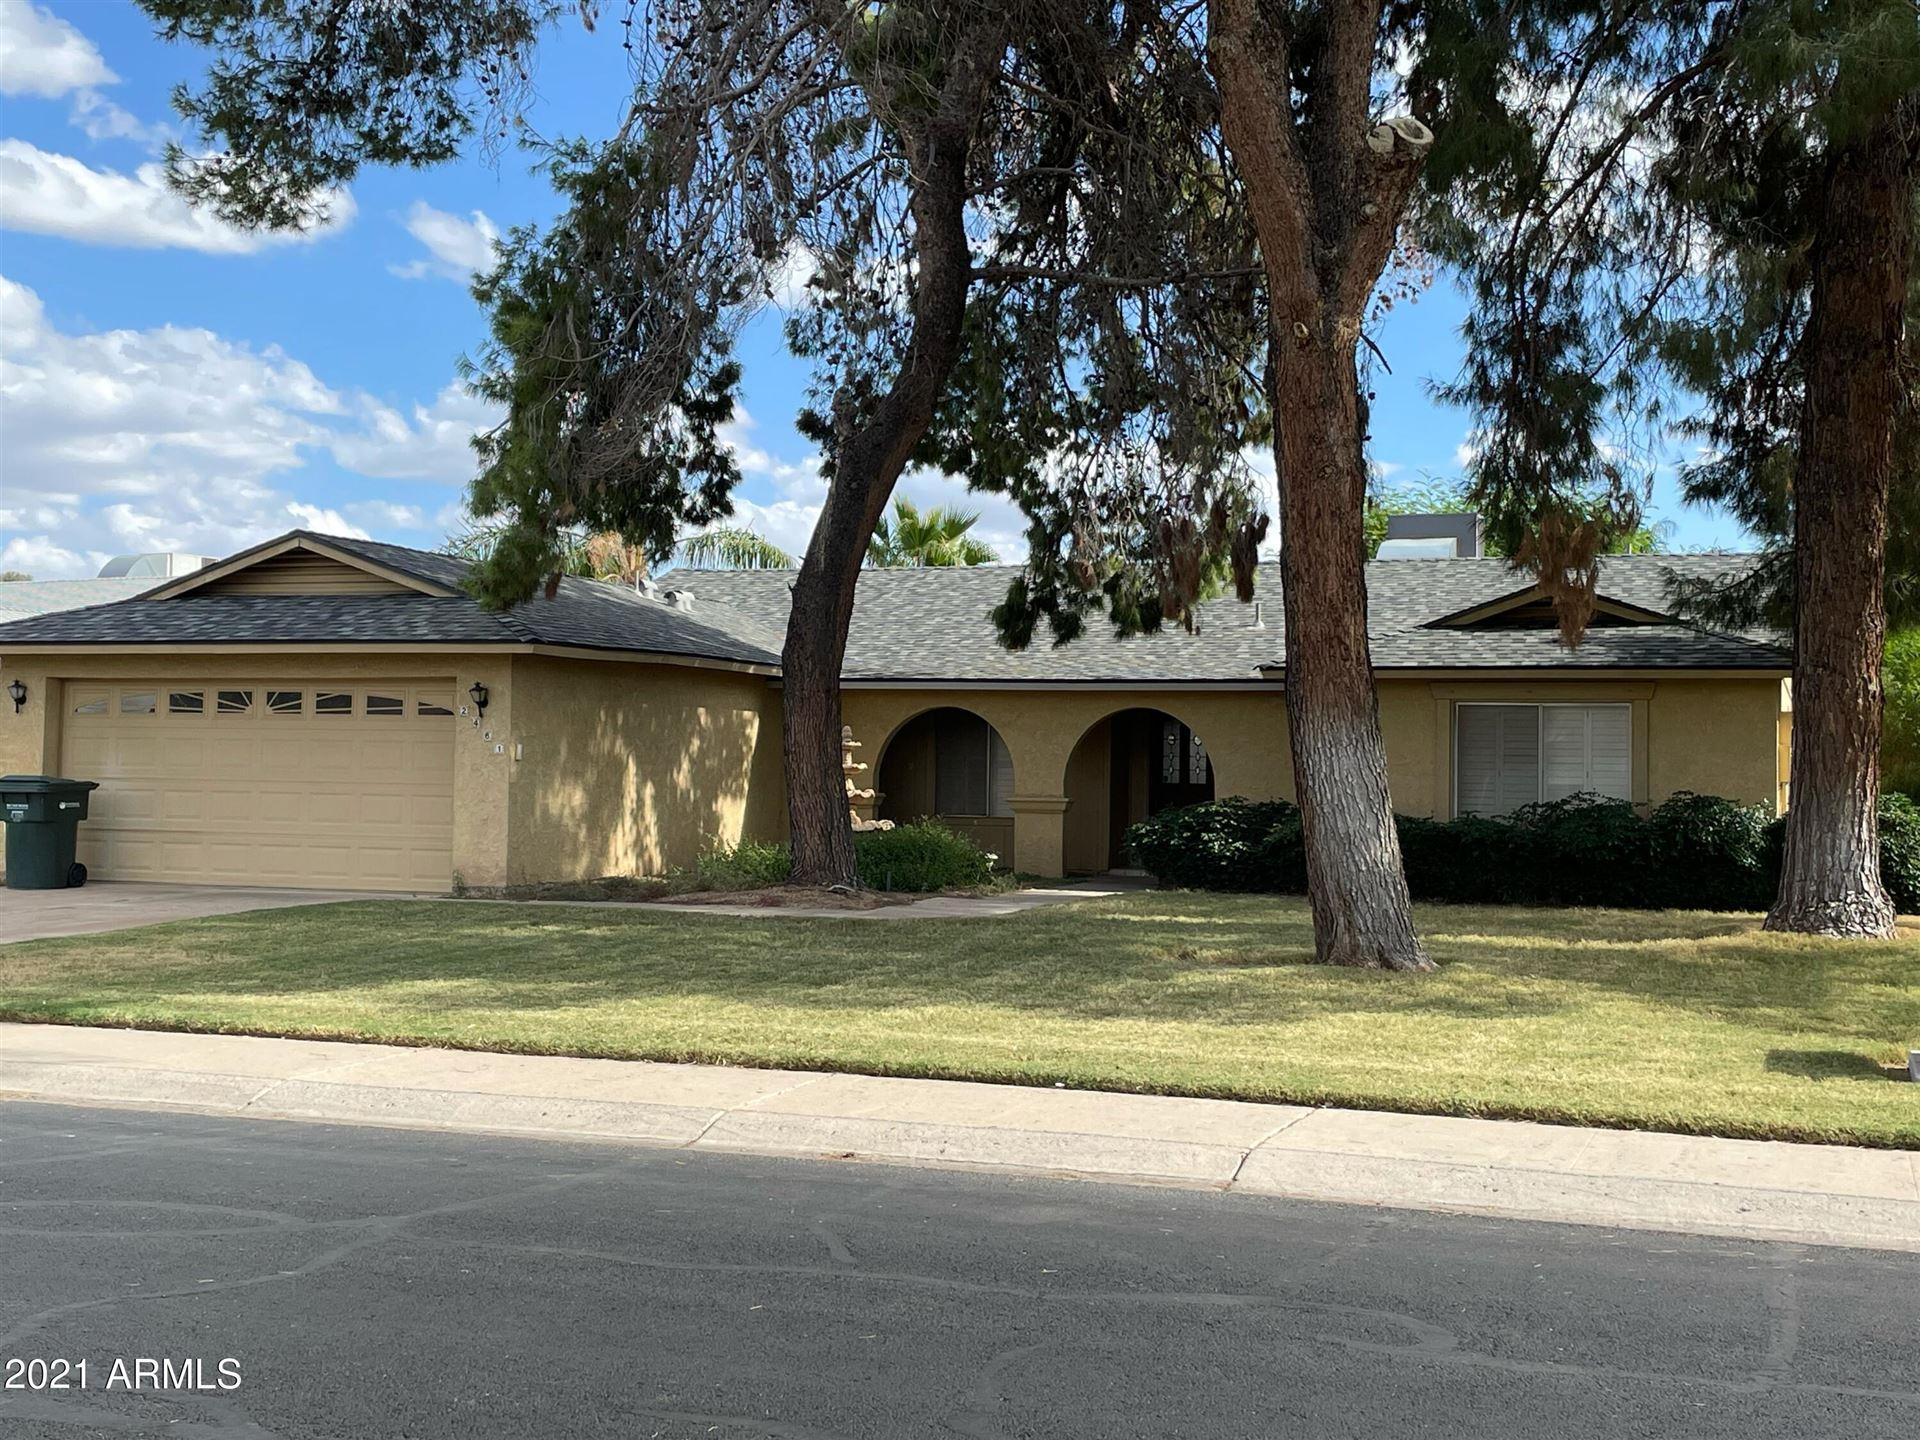 2461 W HEARN Road, Phoenix, AZ 85023 - MLS#: 6310421